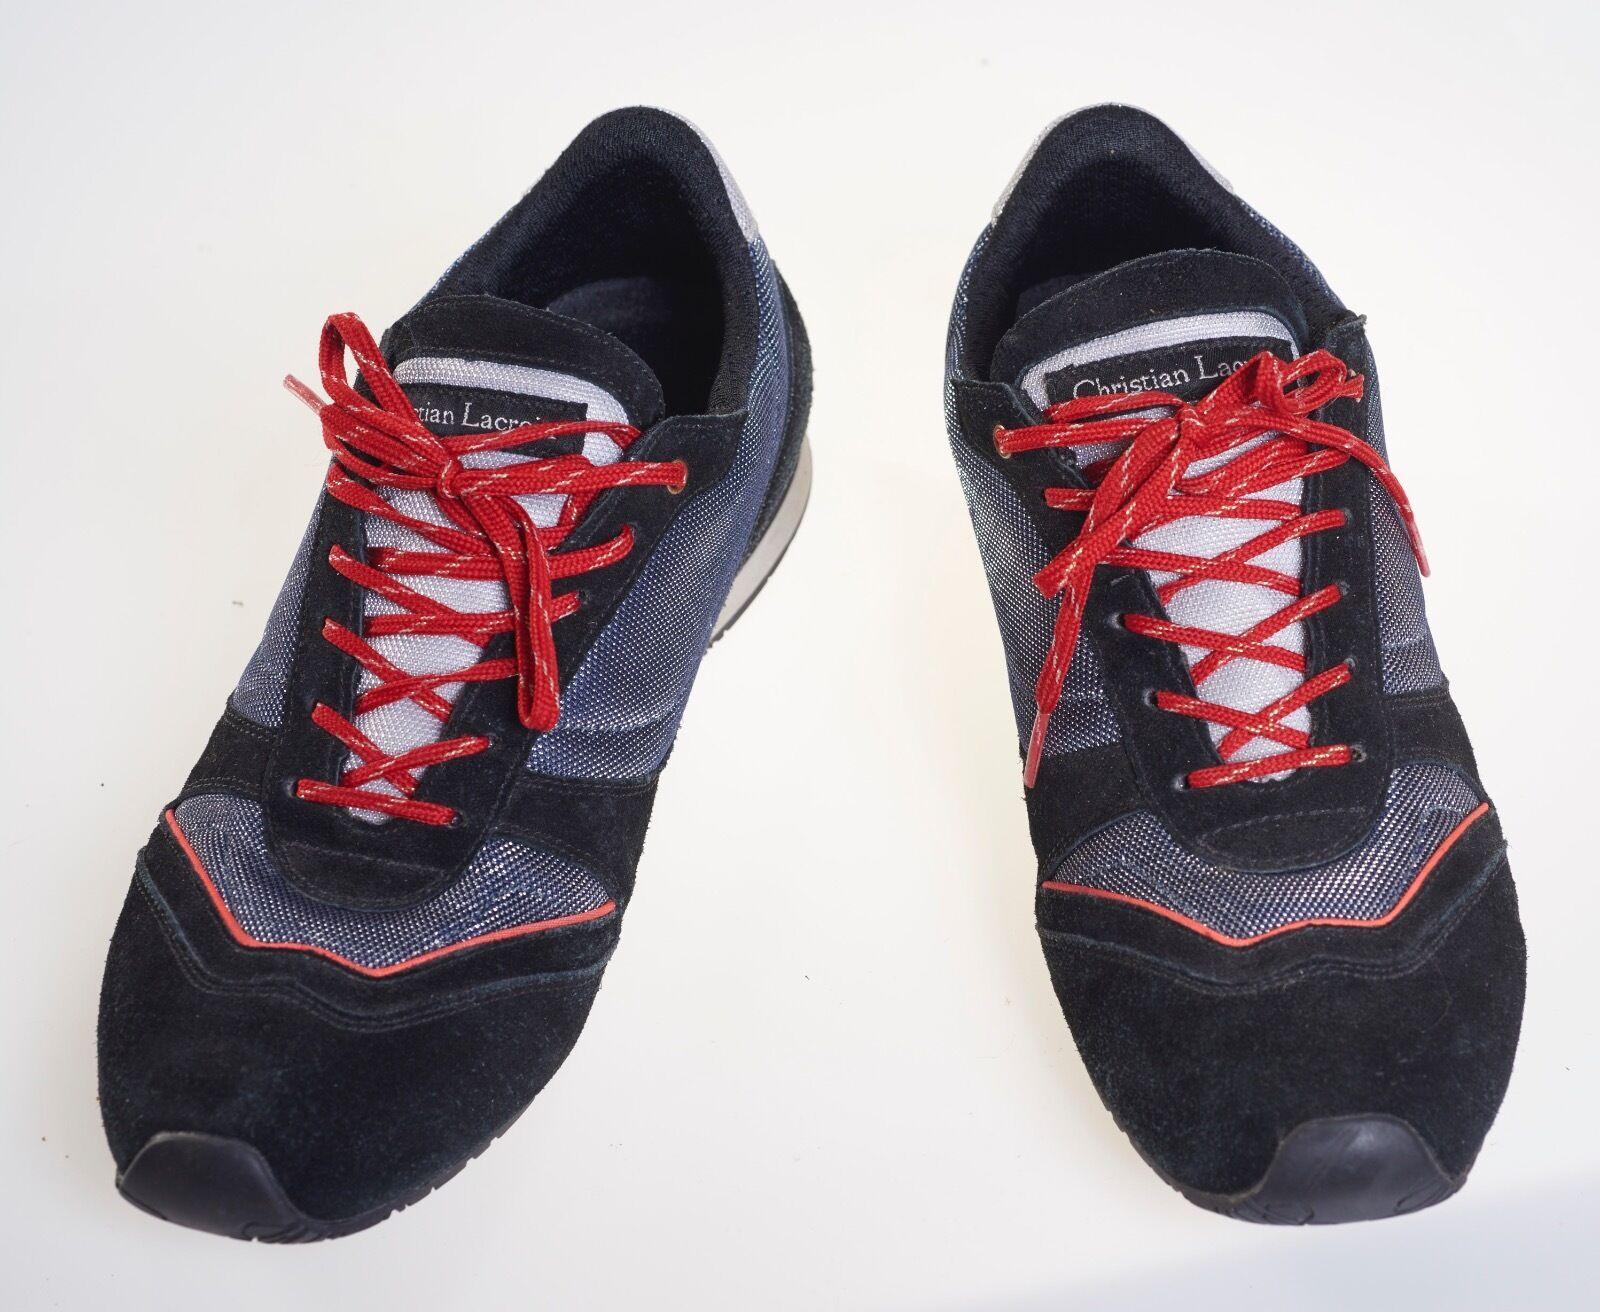 Christian Lacroix Zapatillas Zapatillas Zapatillas deportivas para mujer Talla 39 US8, Negro Gamuza De Malla Metálica  salida de fábrica